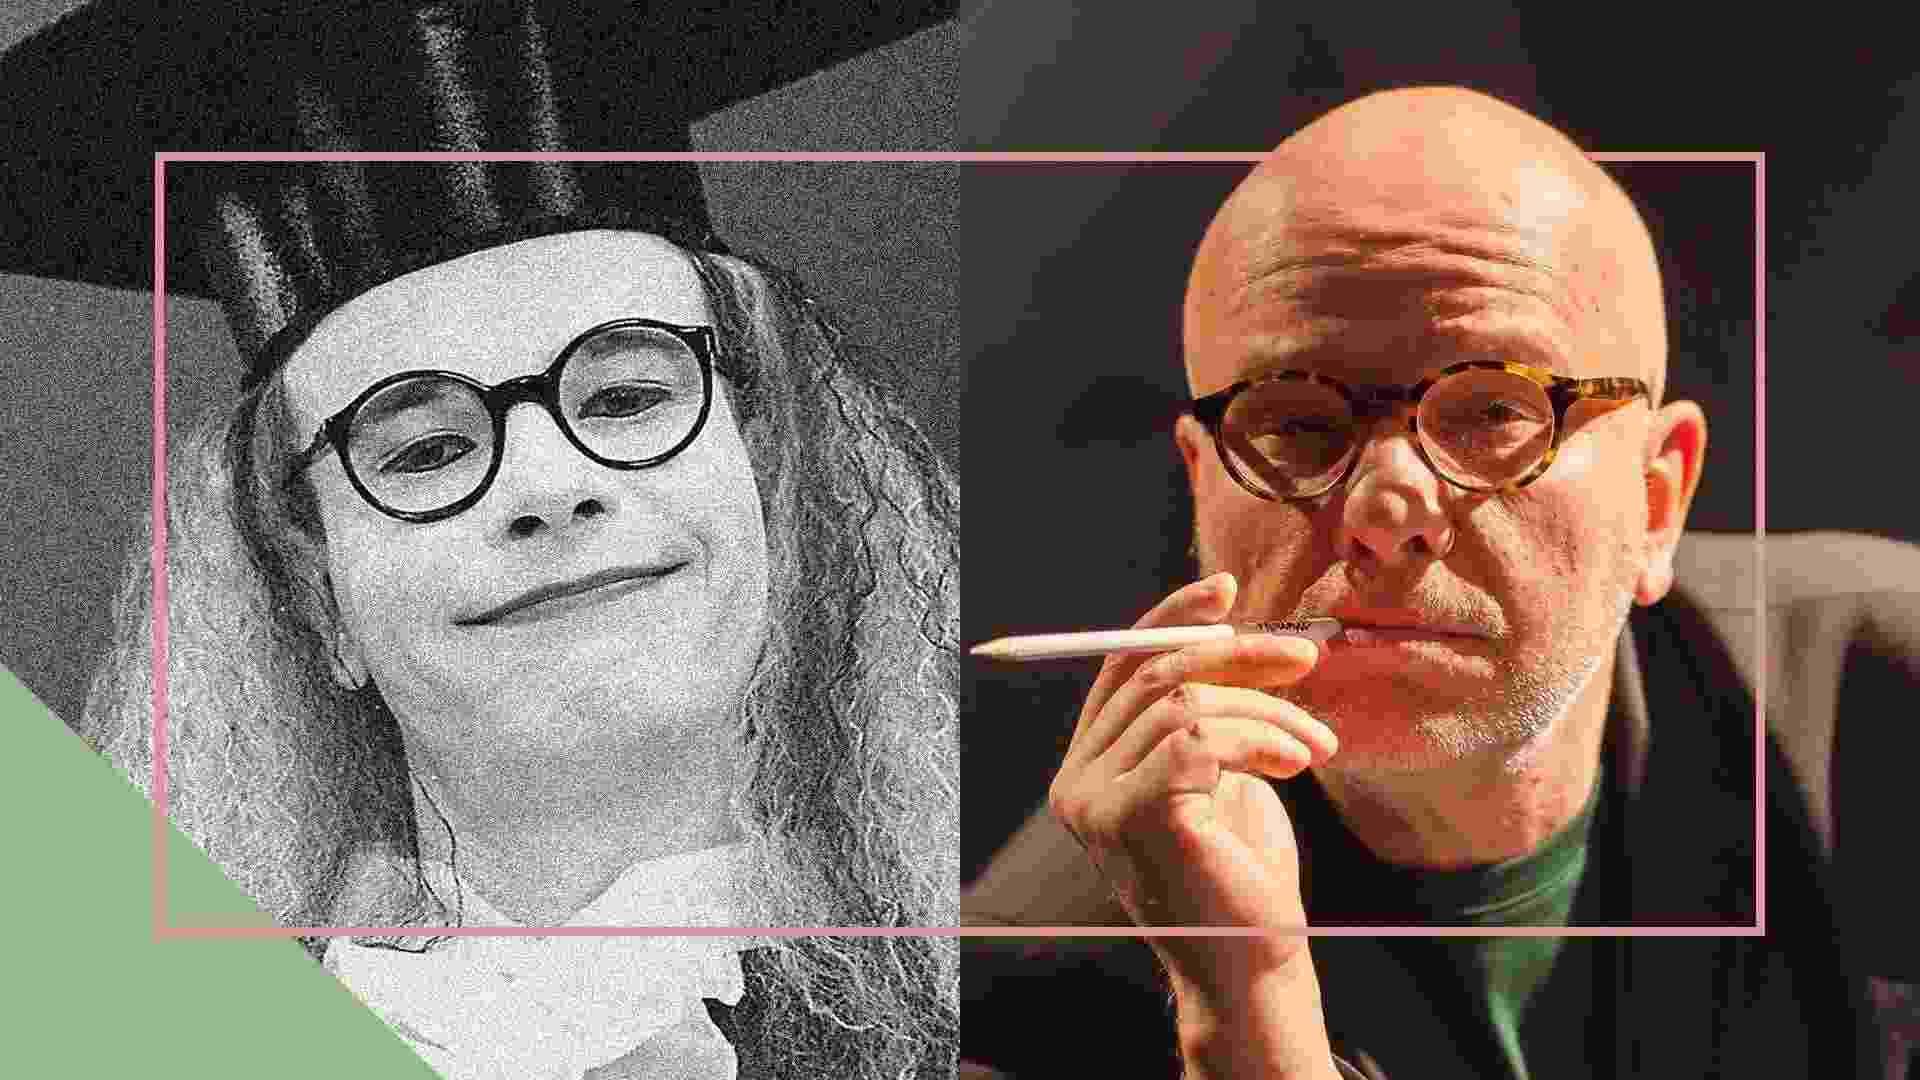 Marcelo Tas como Professor Tibúrcio e atualmente - Arte UOL